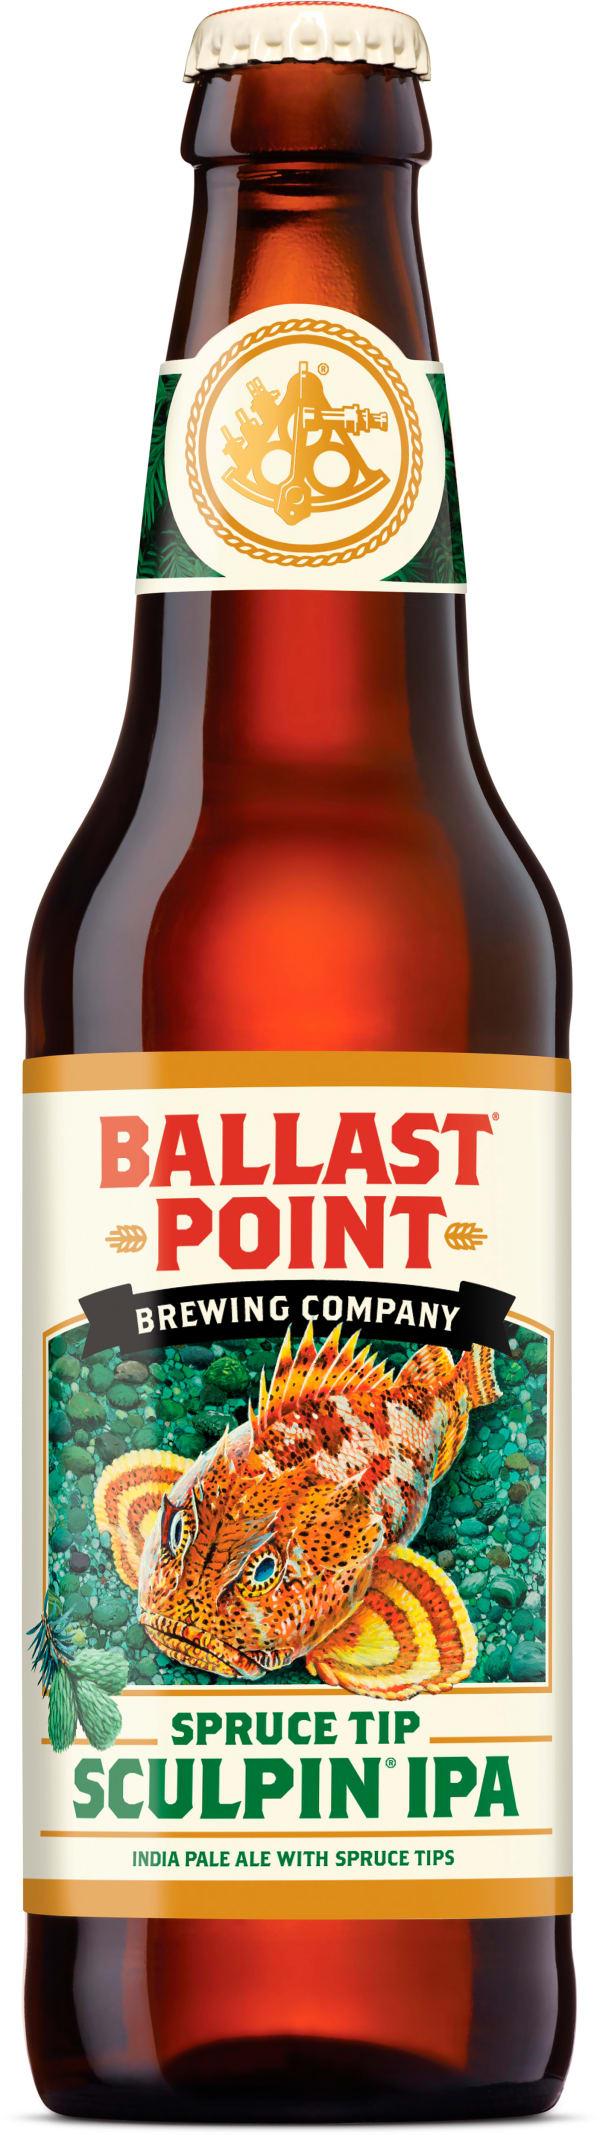 Ballast Point Spruce Tip Sculpin IPA